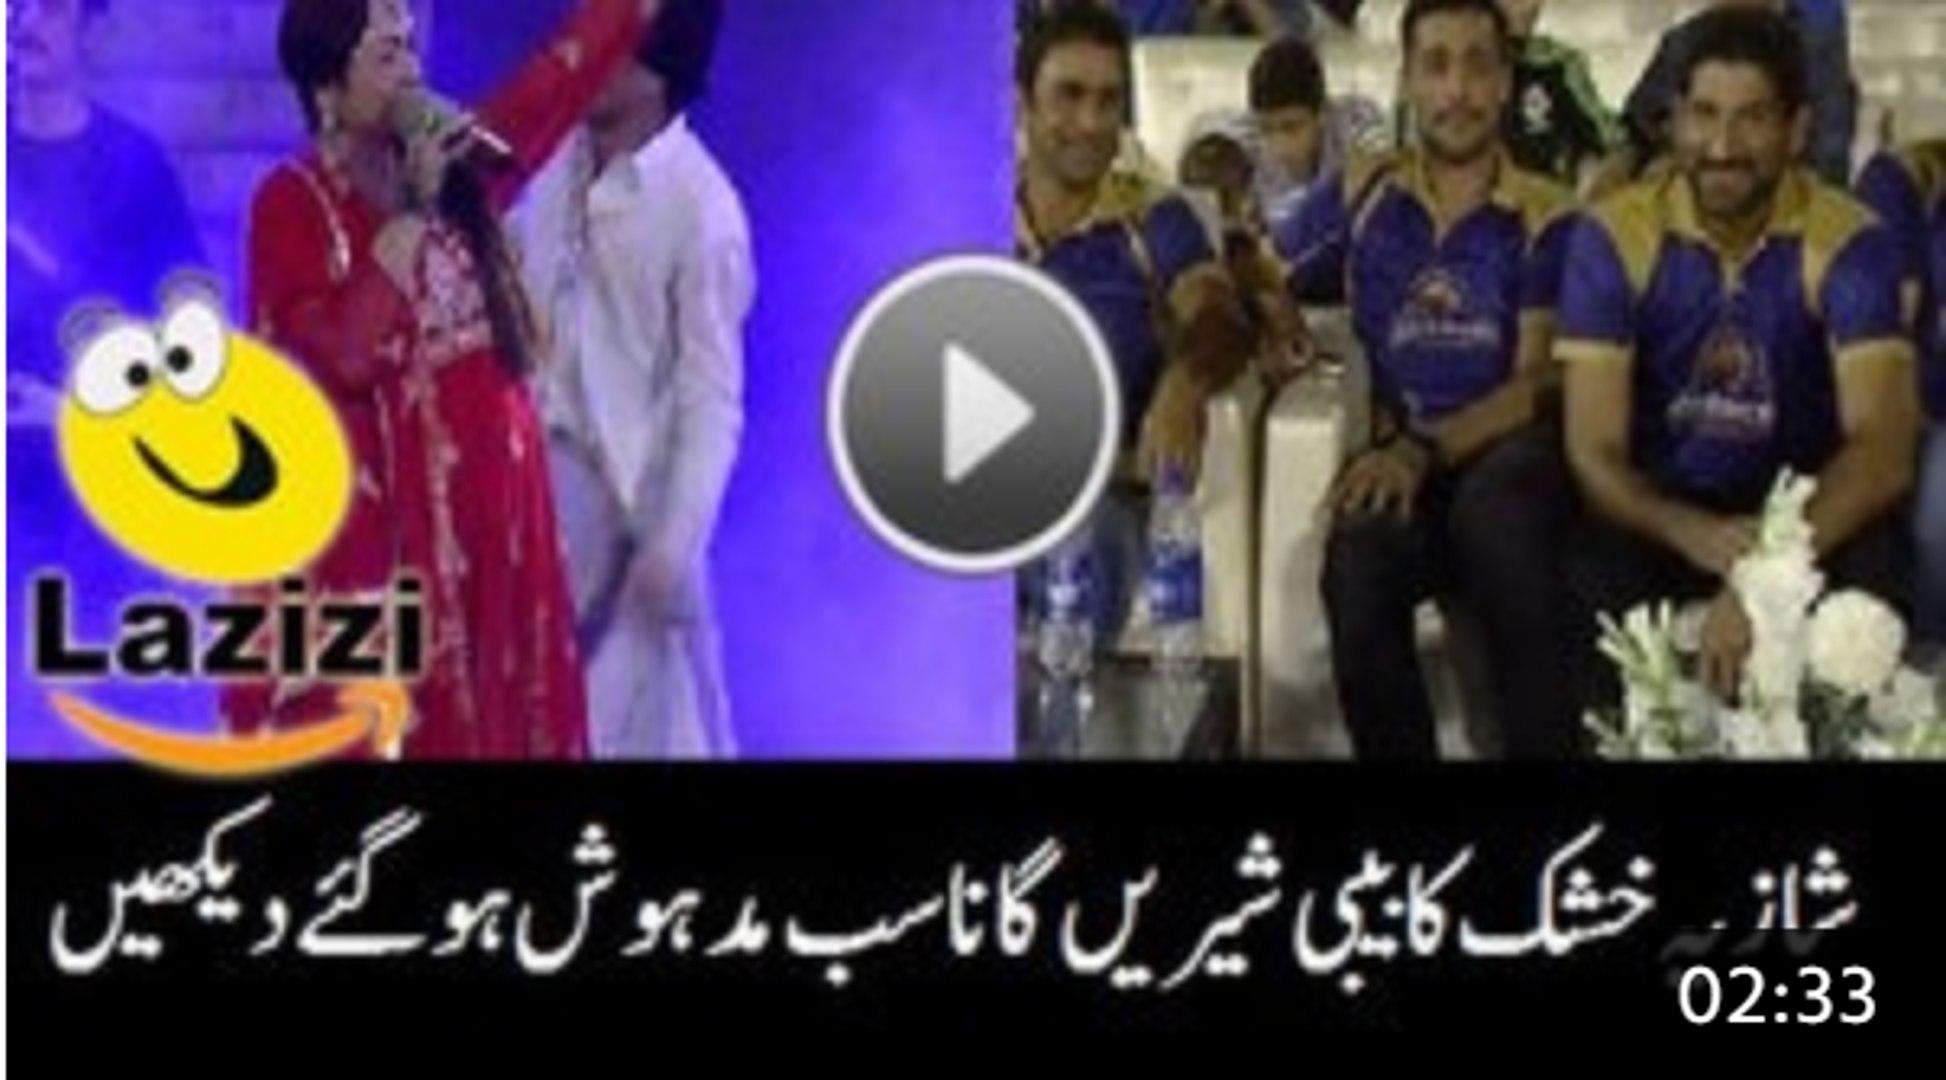 How How Shazia Khushk Sung Beautiful Song BibSung Beautiful Song Bibi Sheri in Karachi Kings Concert